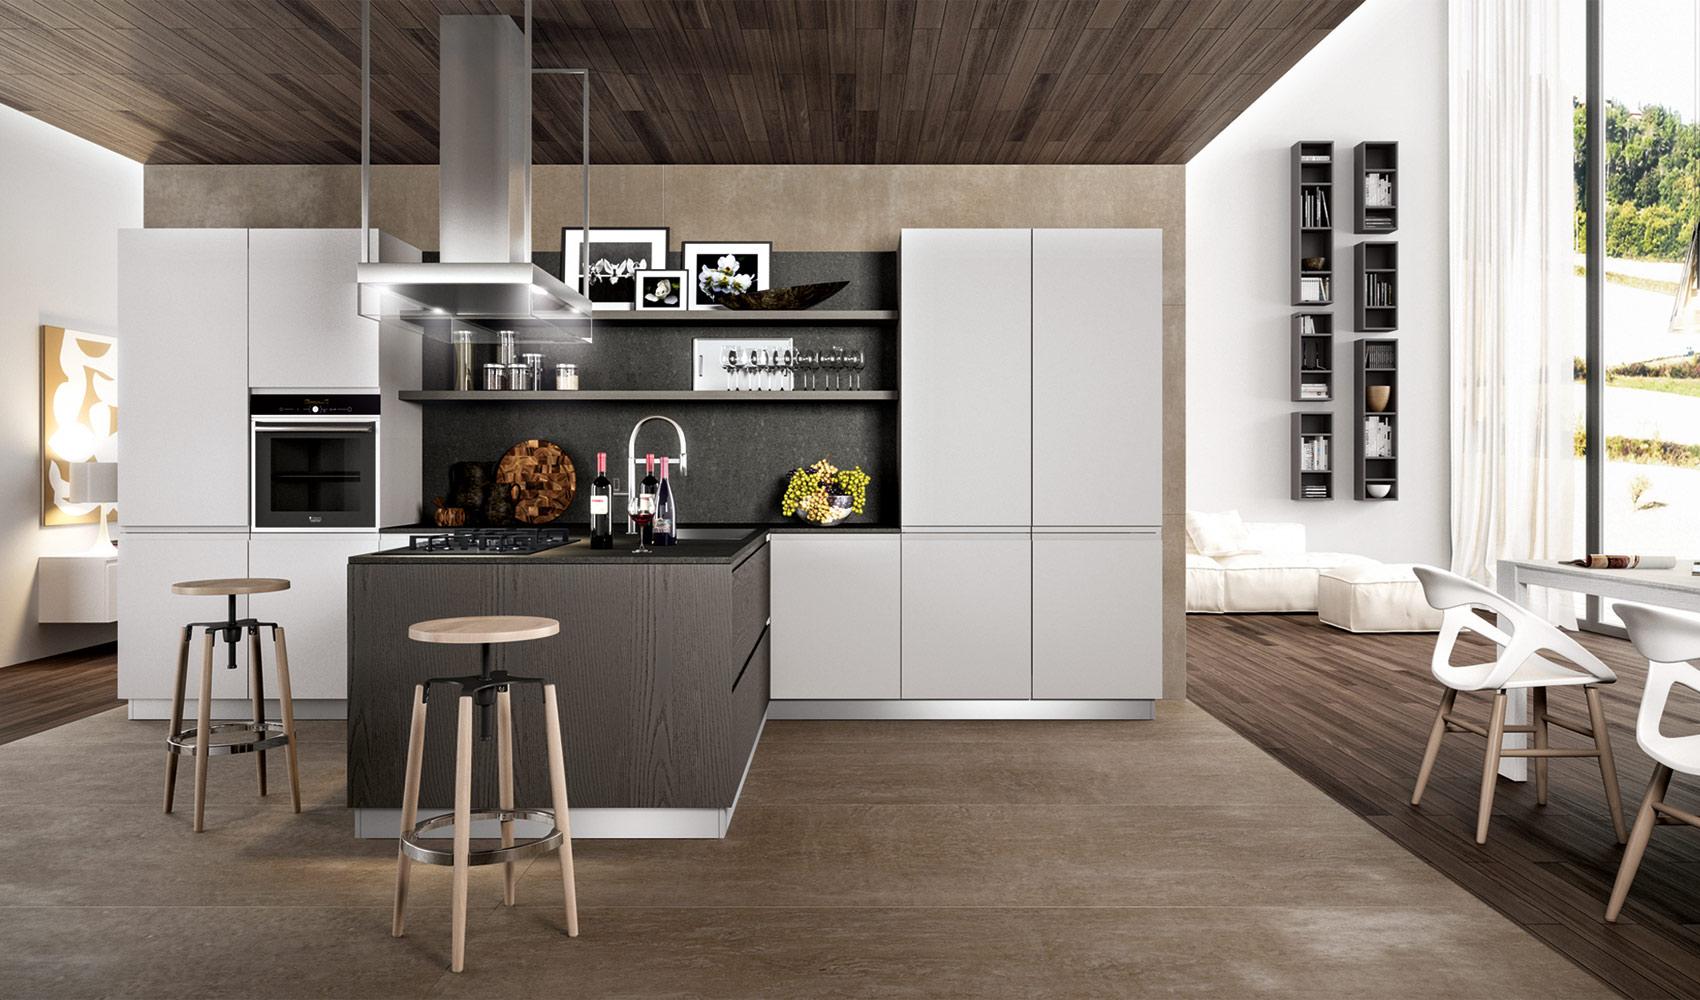 D couvrez nos gammes de cuisines plans pluriel for Arredo ingross 3